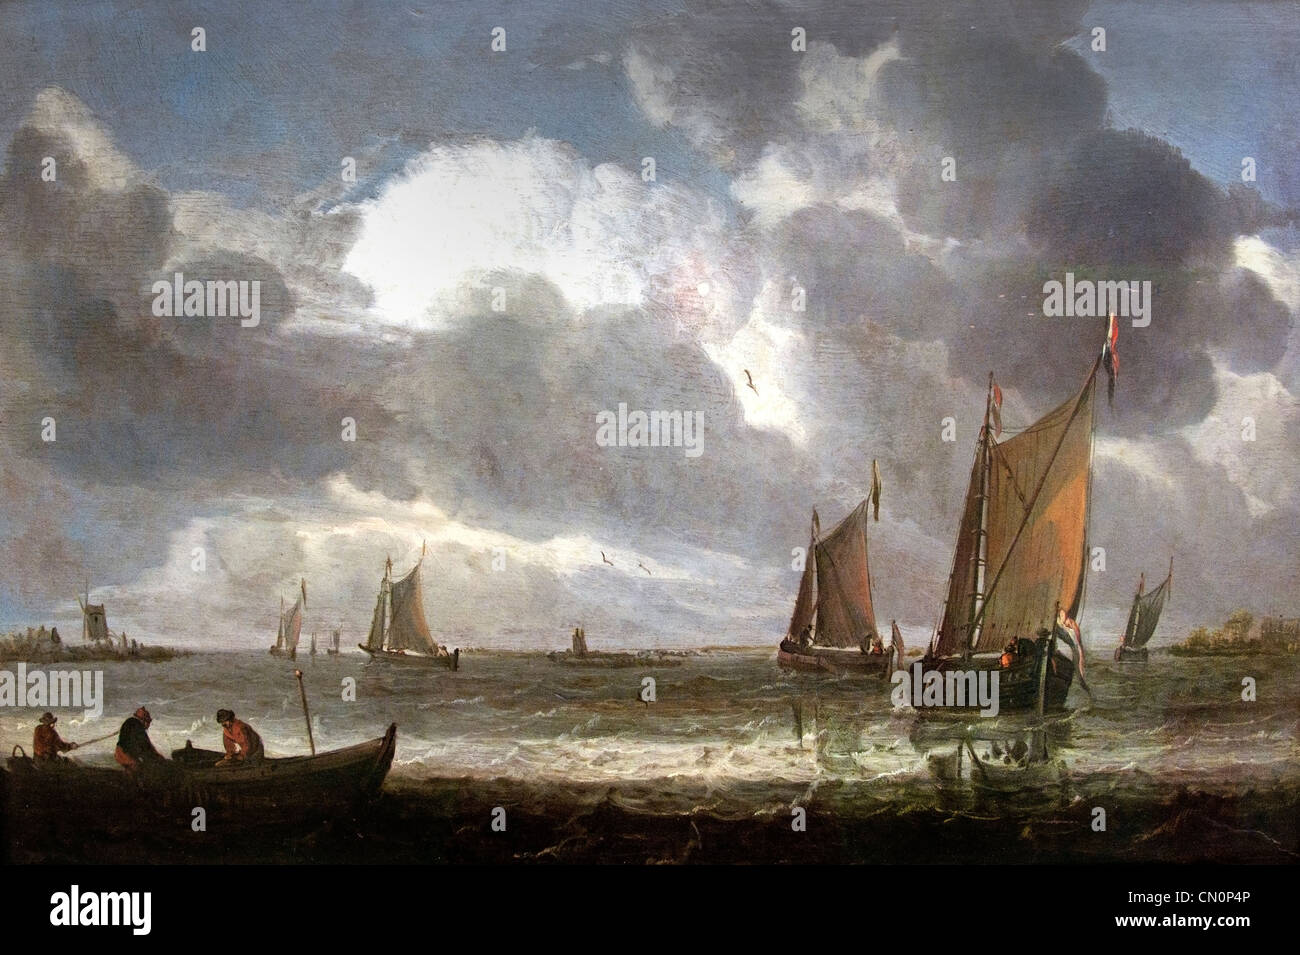 La Marine d ' Argent - Navy Geld 1640 von Abraham van Beyeren Niederlande Niederlande Stockbild